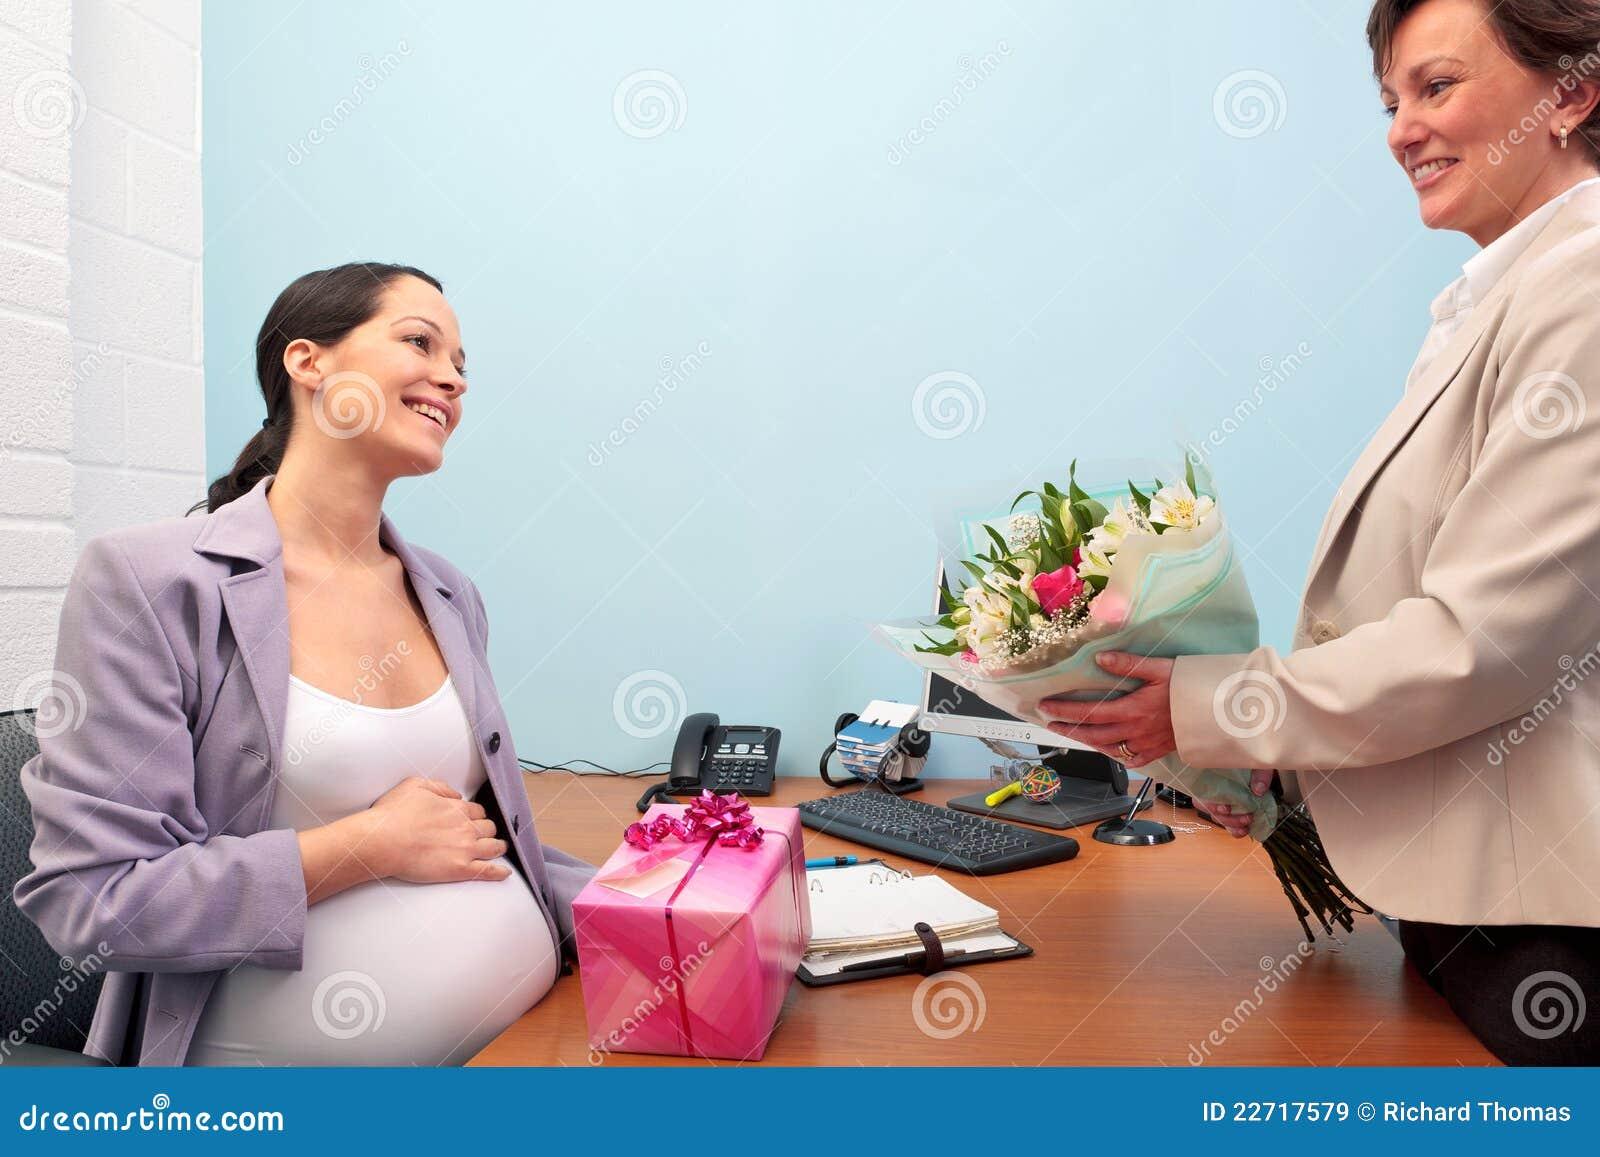 Trabalhador de escritório grávido que vai em licenças de parto.